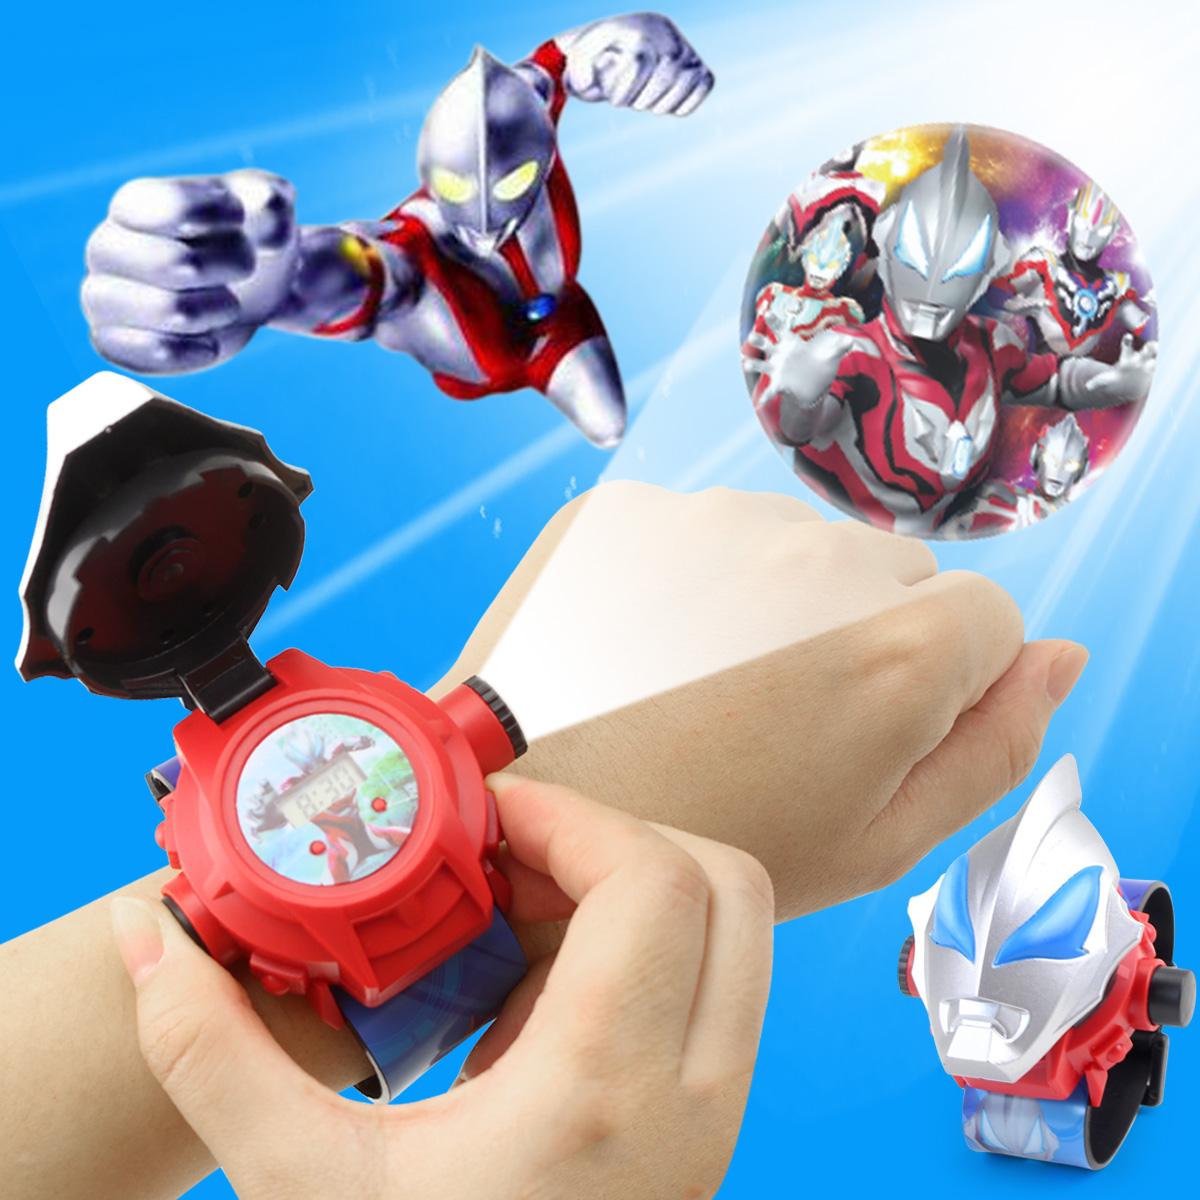 儿童玩具投影手表男孩学生卡通奥特曼超人幼儿园女孩可爱电子手表